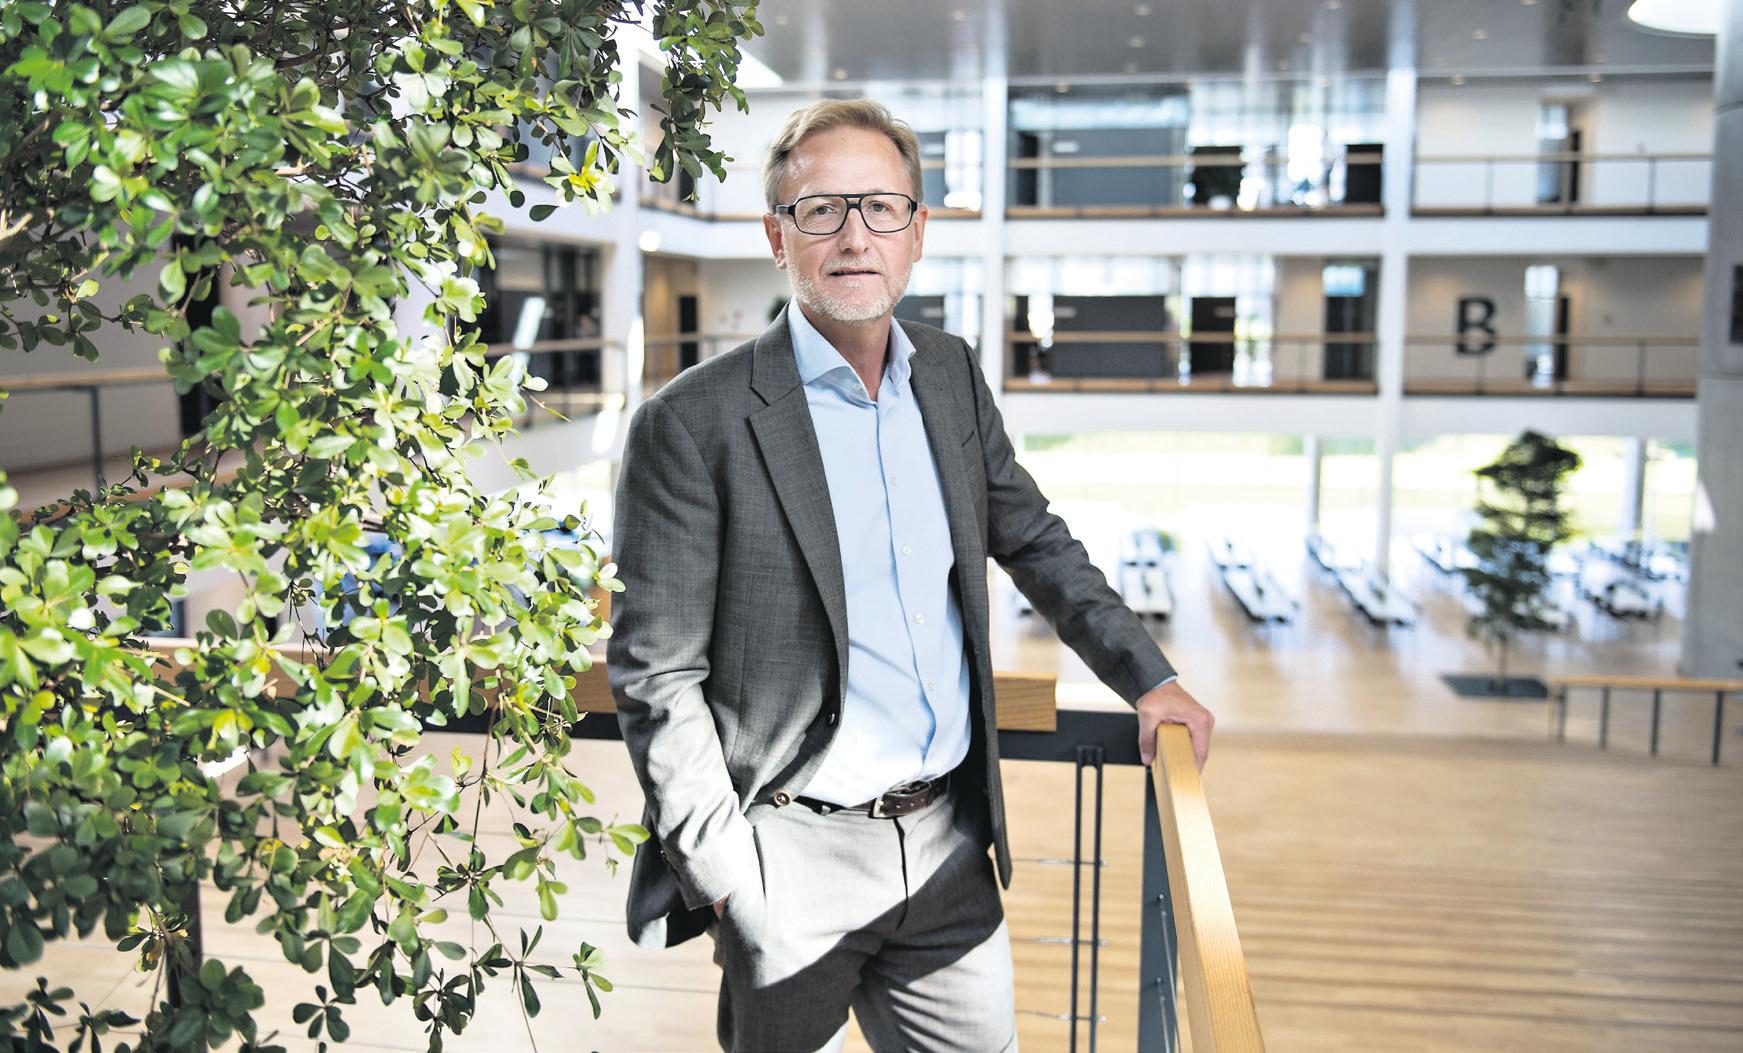 Mikael Lyngsø, CEO Stibo Systems, in de entree van het gebouw van de HQ in Aarhus, Denemarken